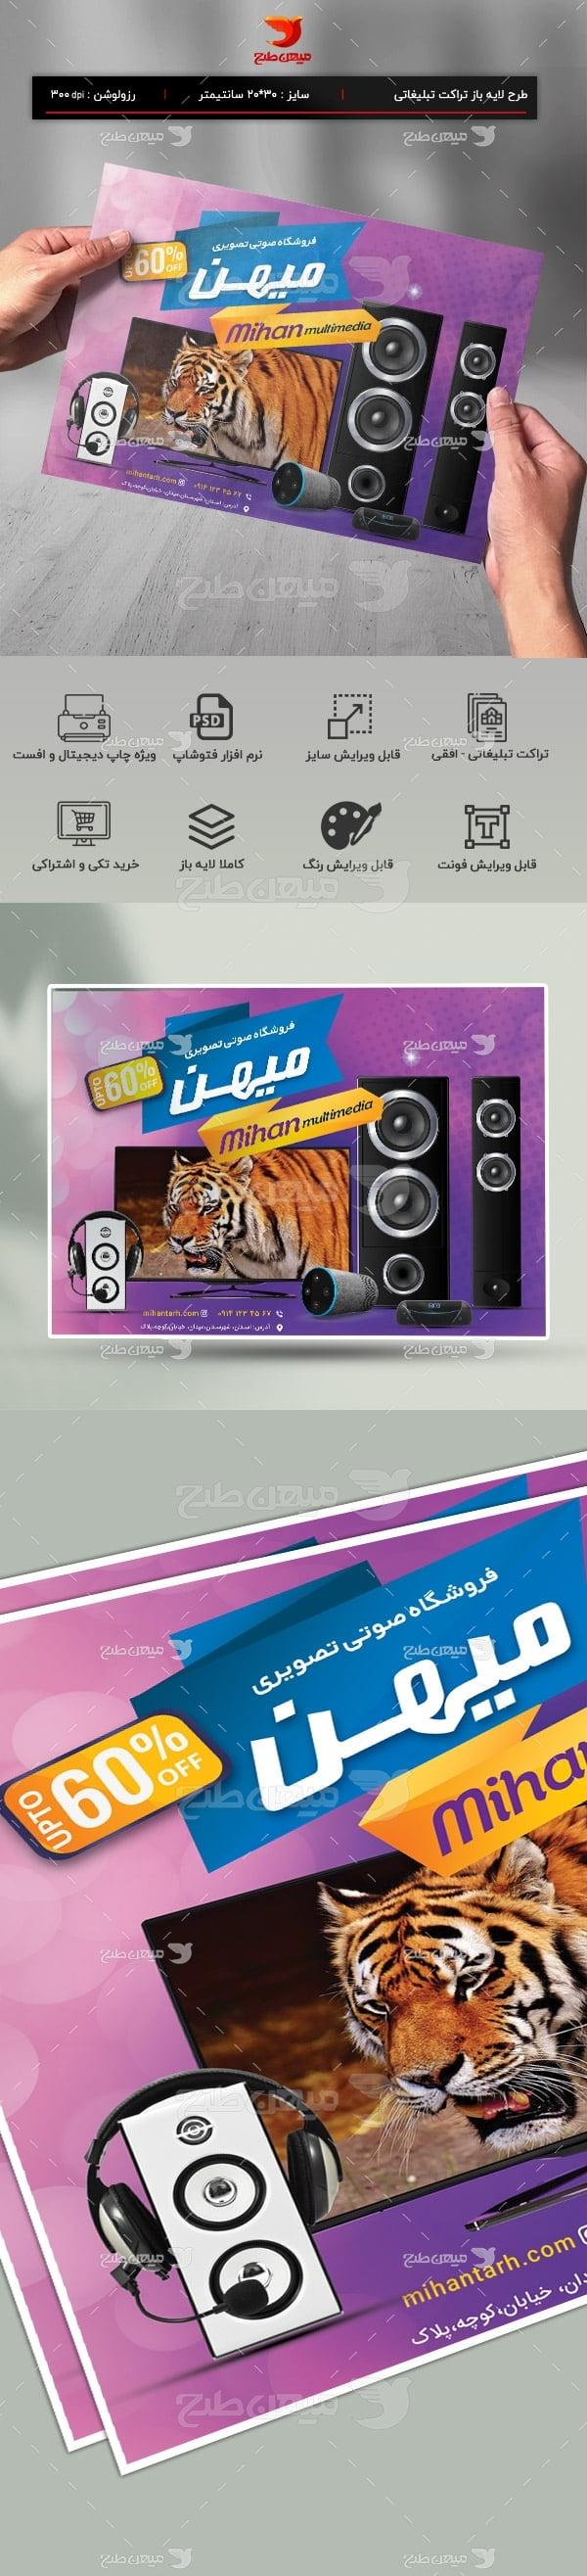 طرح لایه باز تراکت رنگی فروشگاه صوتی و تصویری